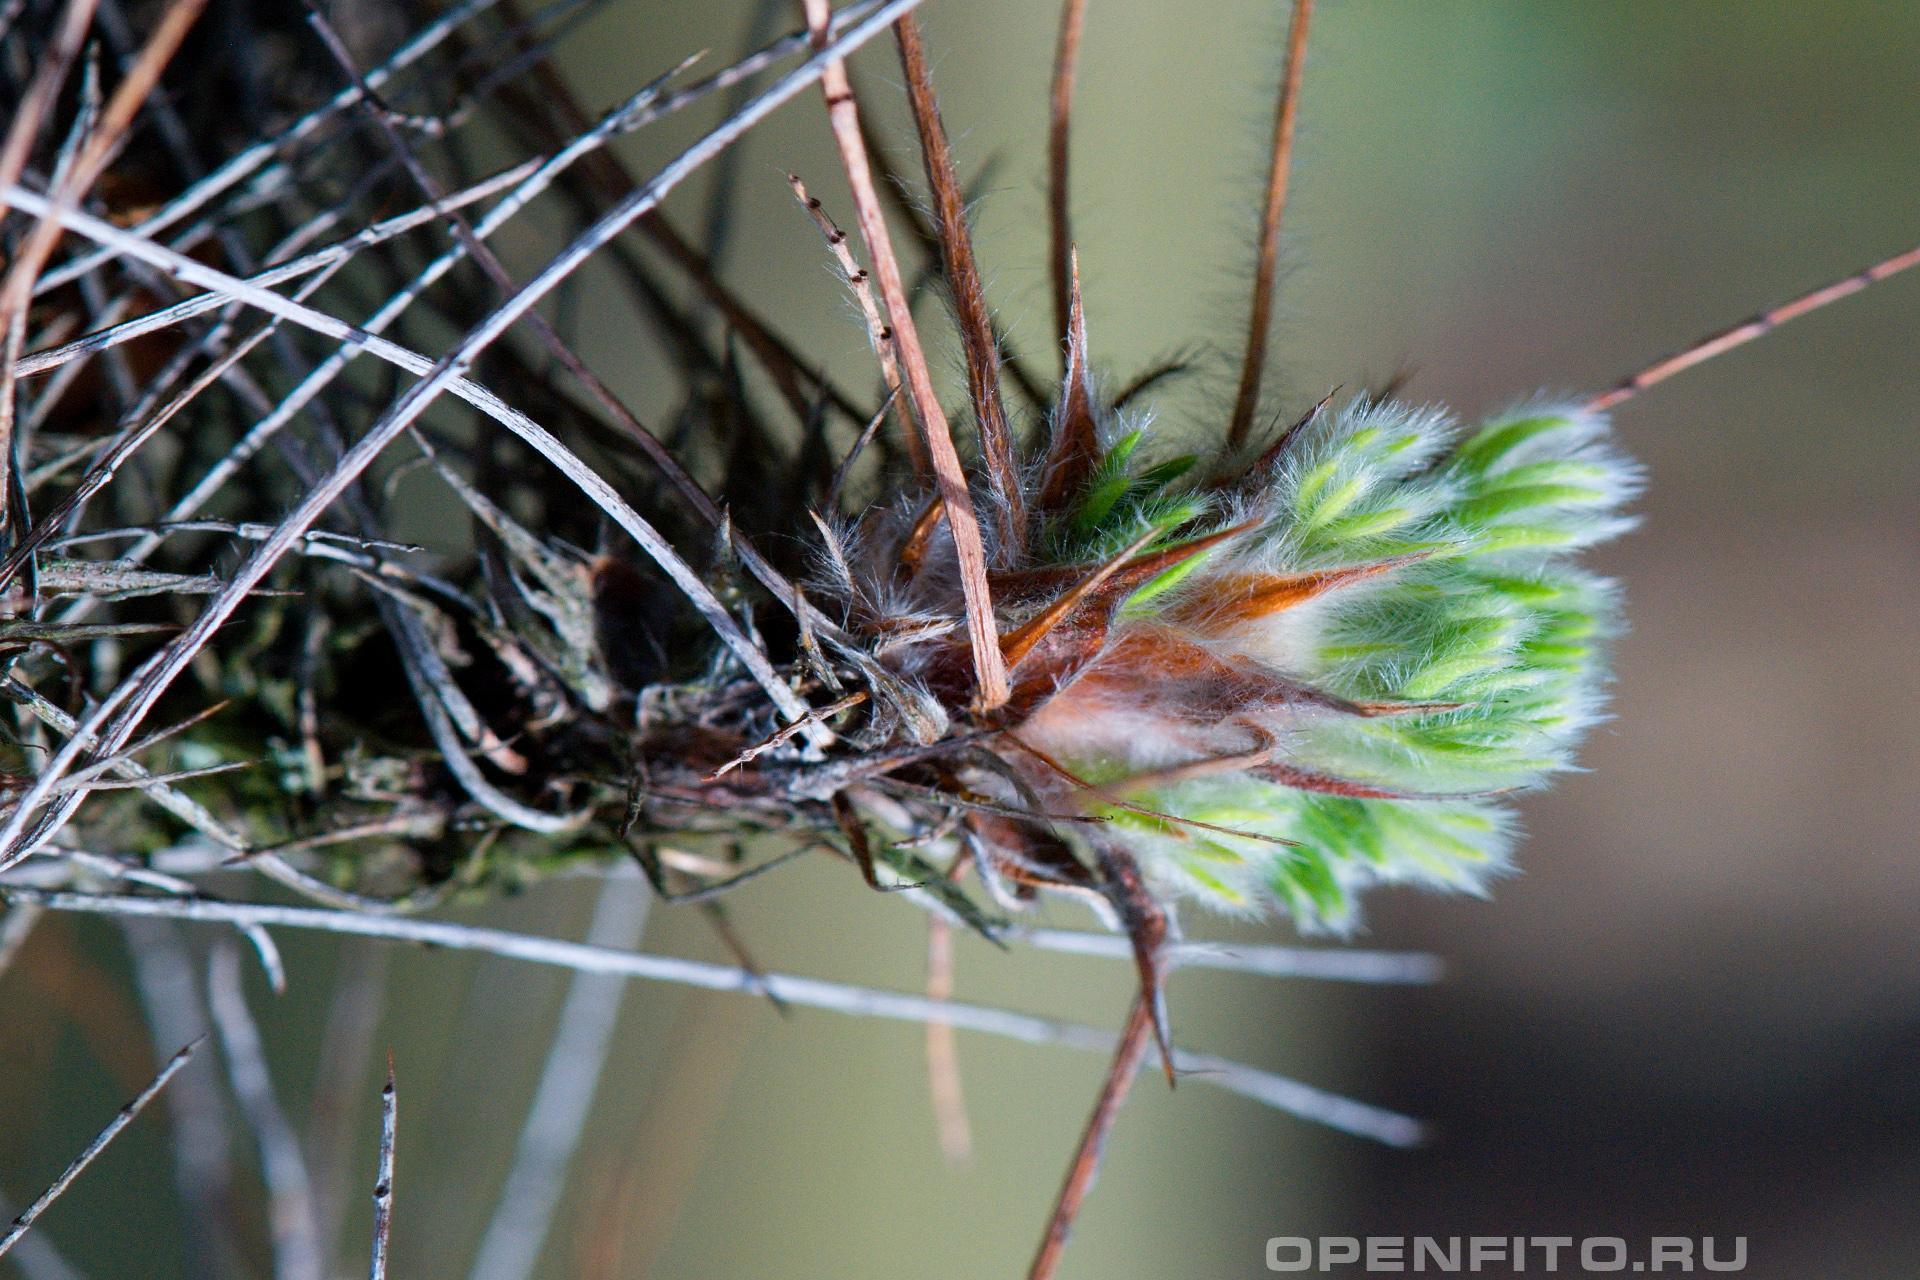 Карагана гривастая молодой побег и длинные колючки растения